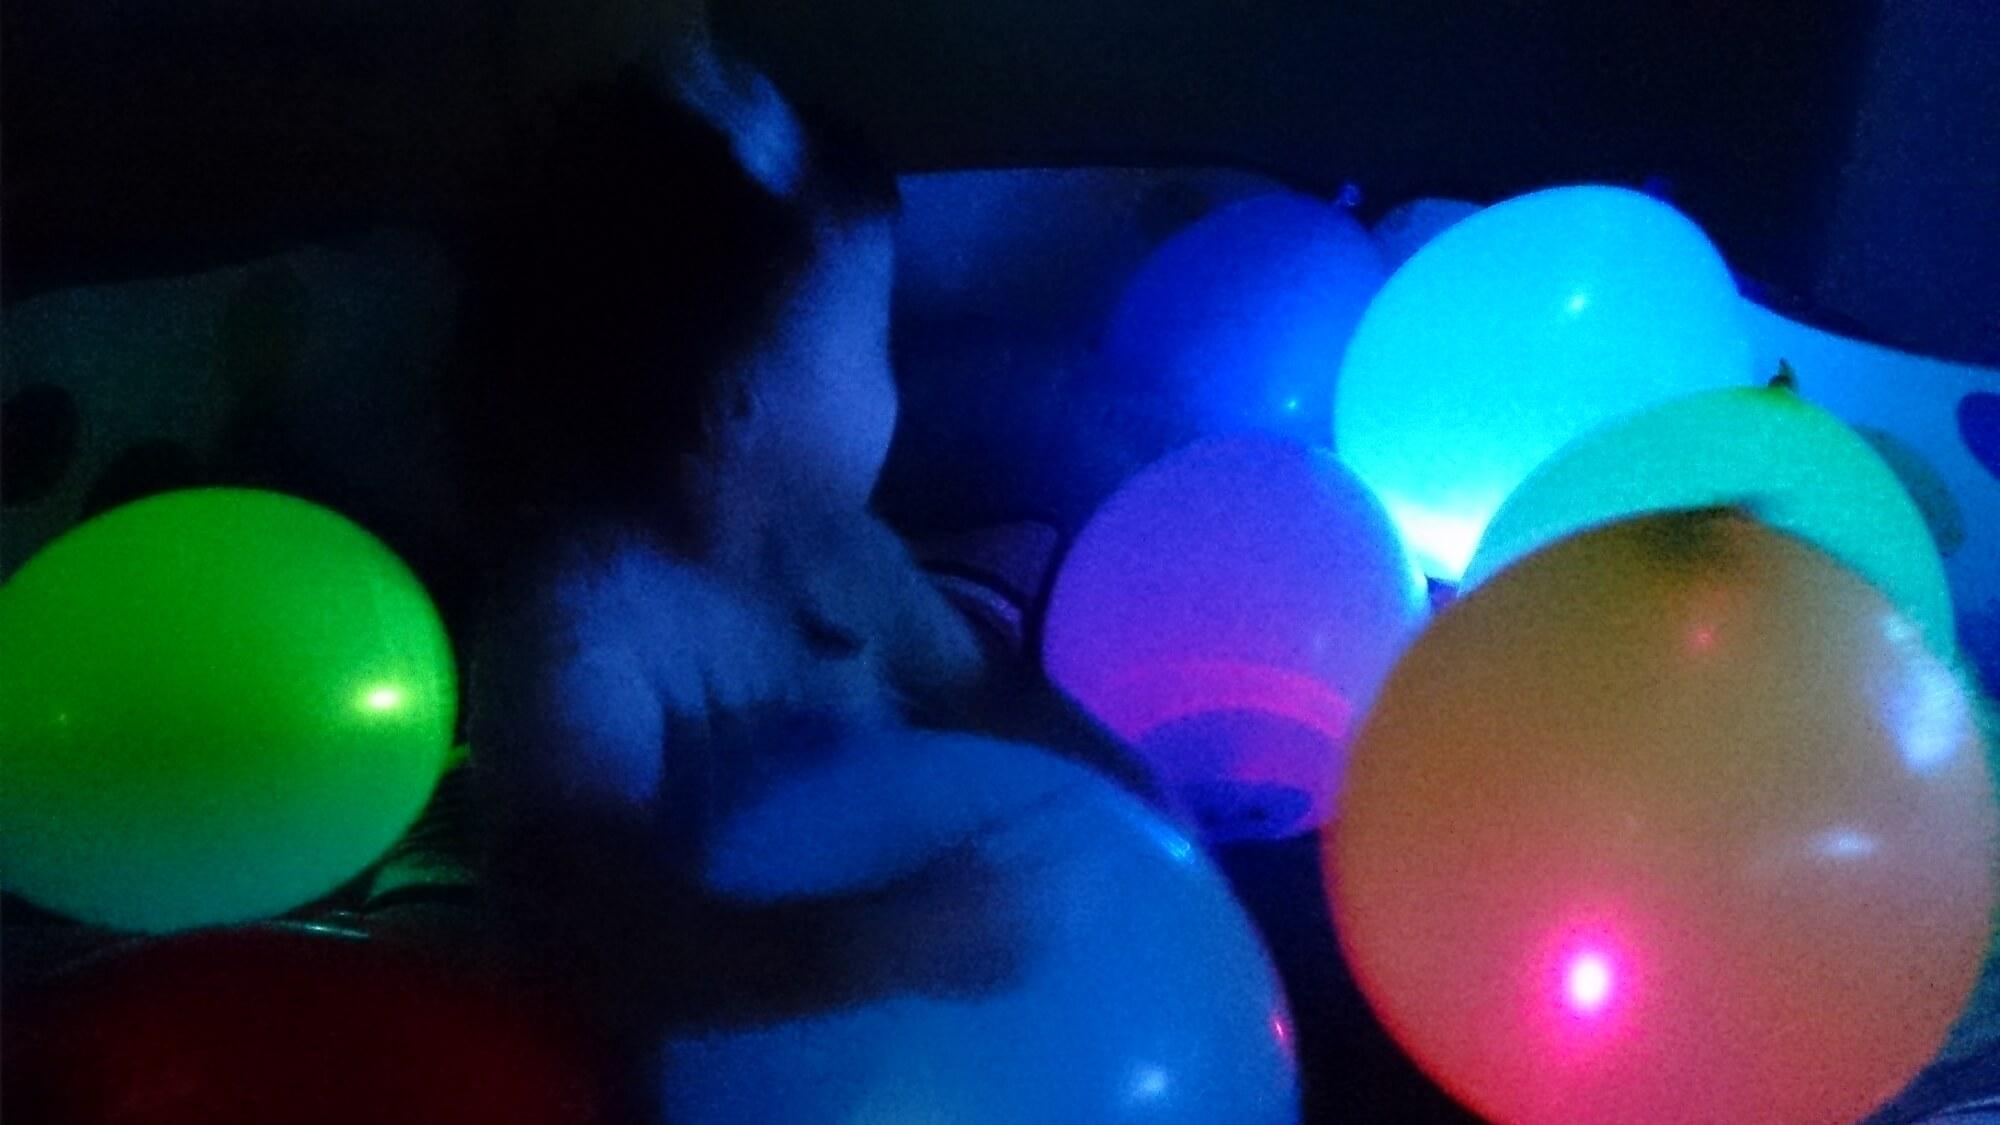 暗い部屋の中で光る風船で遊ぶ子ども